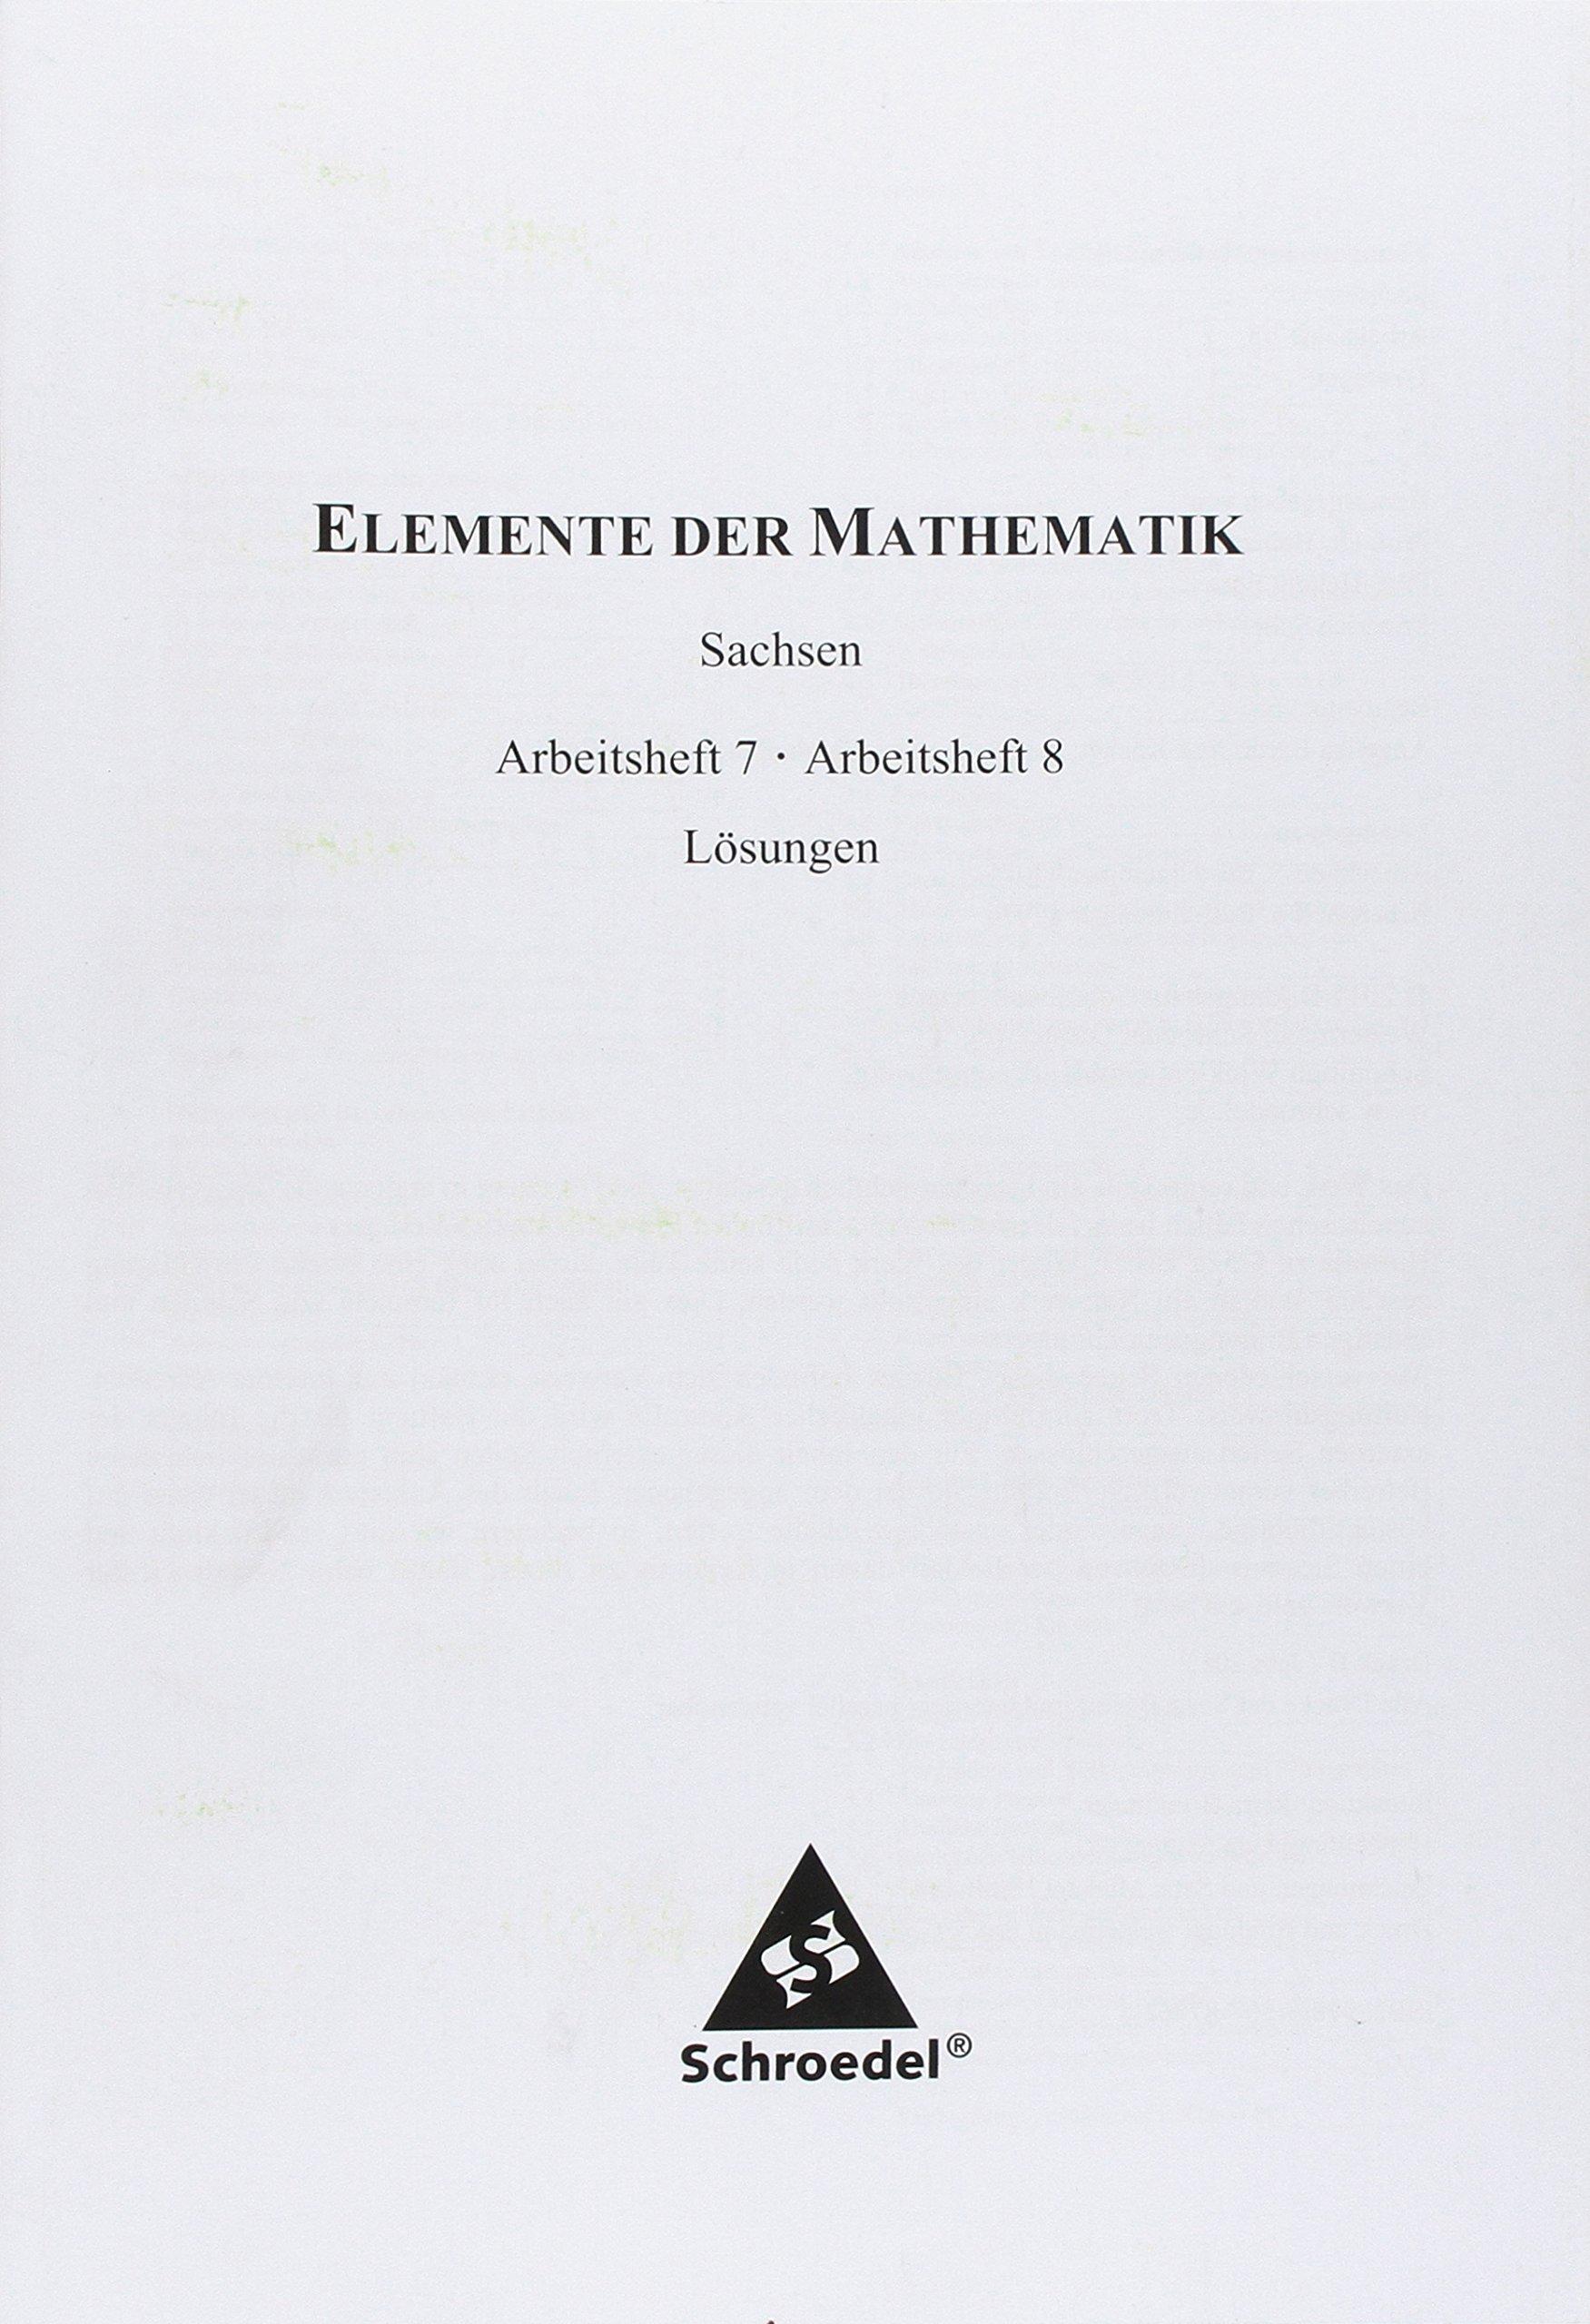 Elemente der Mathematik SI - Arbeitshefte für die östlichen Bundesländer: Lösungen Arbeitshefte 7 / 8